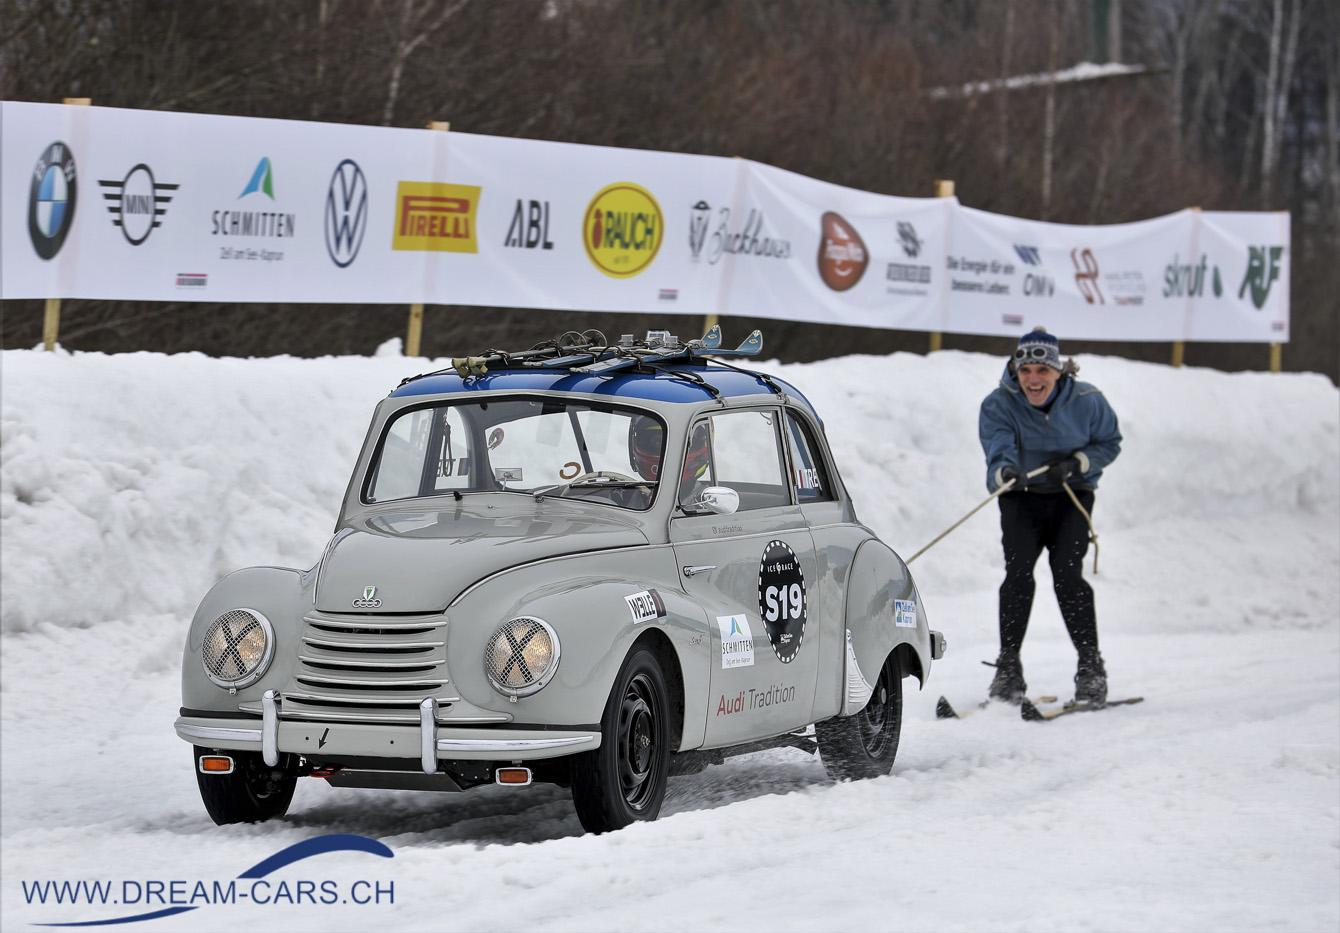 GP Ice Race, Zell am See, 1. und 2. Februar 2020. Hinter dem DKW auf Skiern aus den Sechzigejahren, der ehemalige deutsche Skirennläufer Frank Wörndl. Es mach ihm sichtlich Spass,